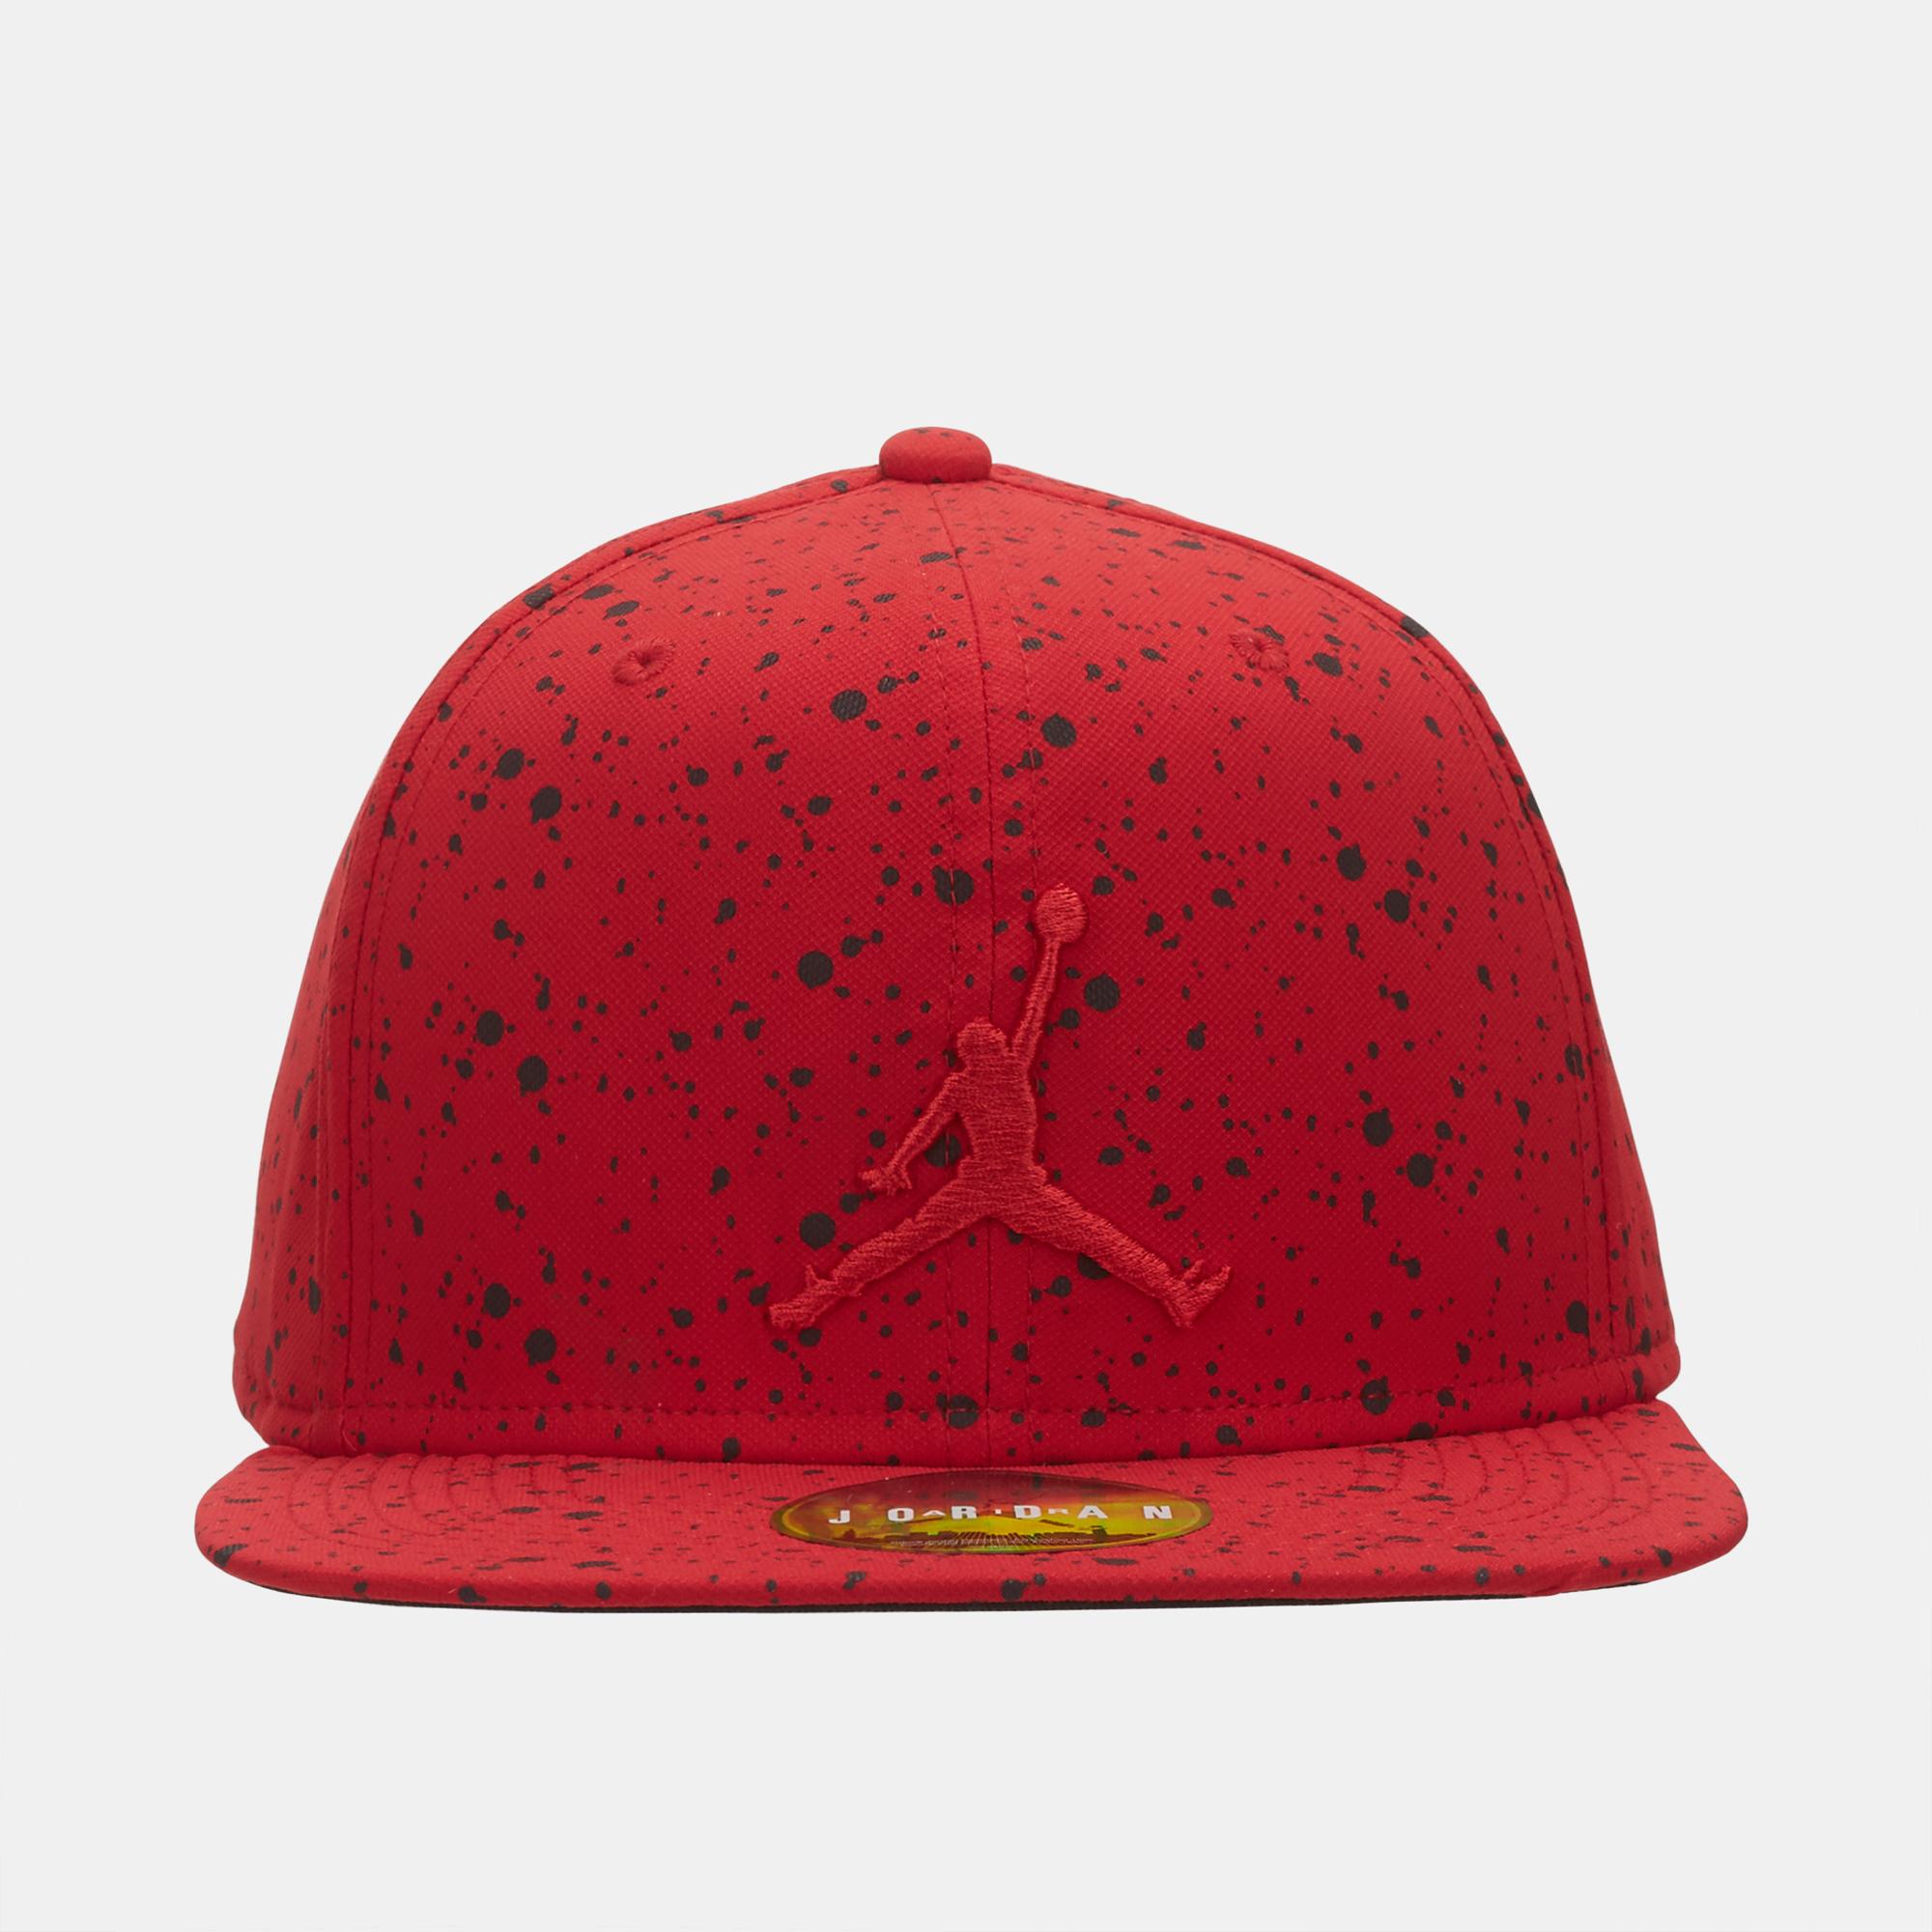 b62774e3 ... sweden jordan speckle print snapback cap caps caps and hats 2b2a5 925b6